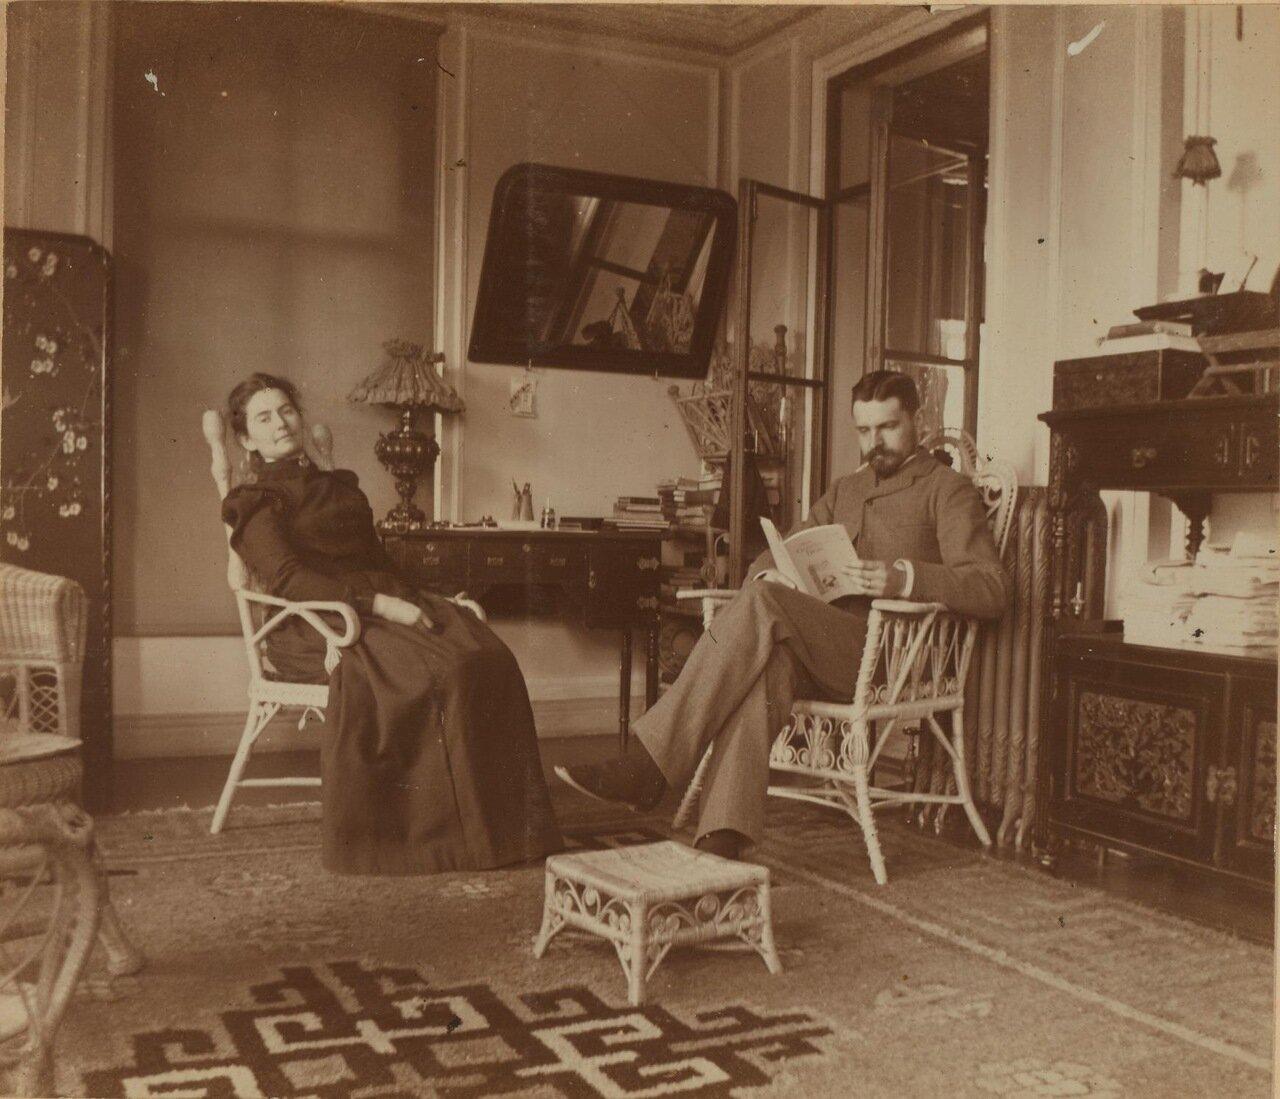 Элеонора и Фредерик Прэй на террасе дома. 1900